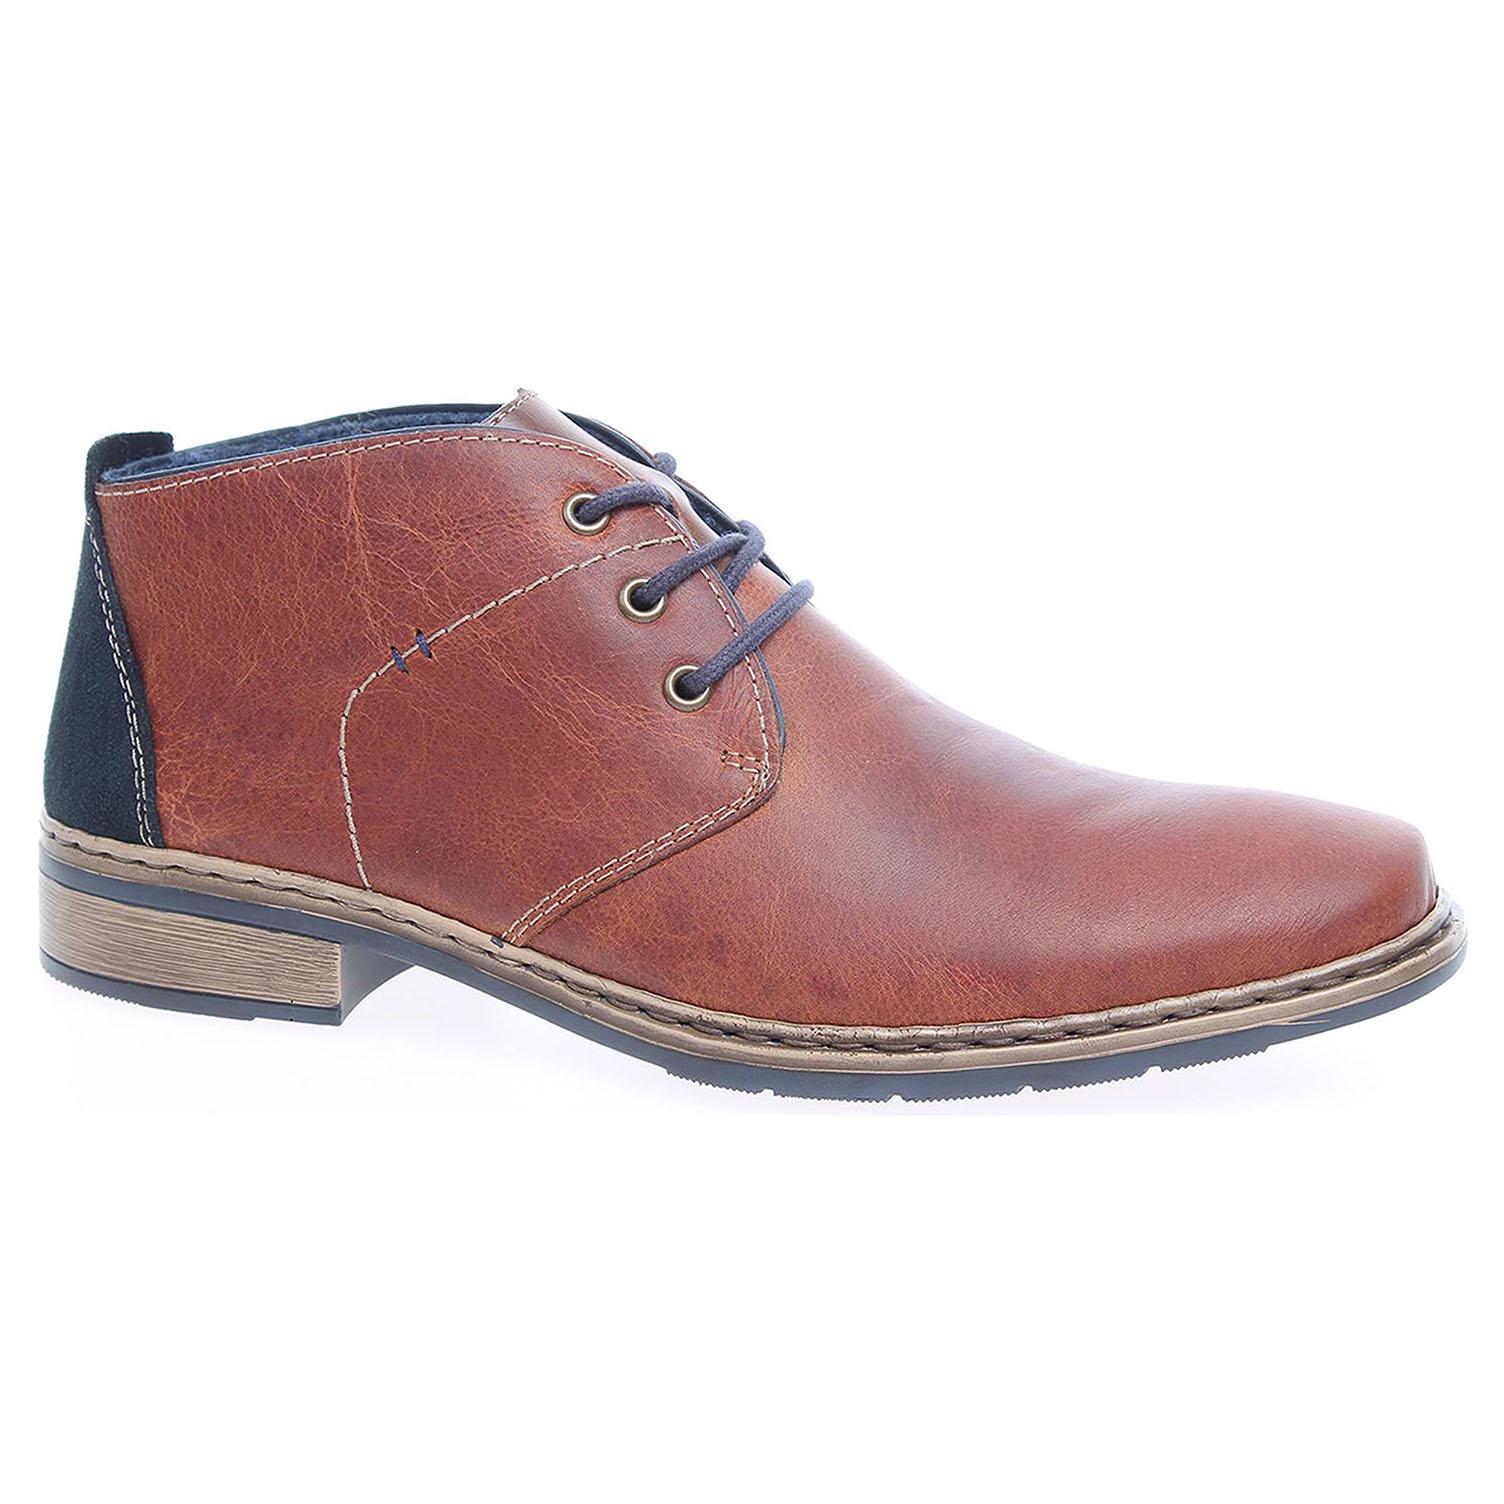 Pánská kotníková obuv Rieker 10842-25 hnědé 41